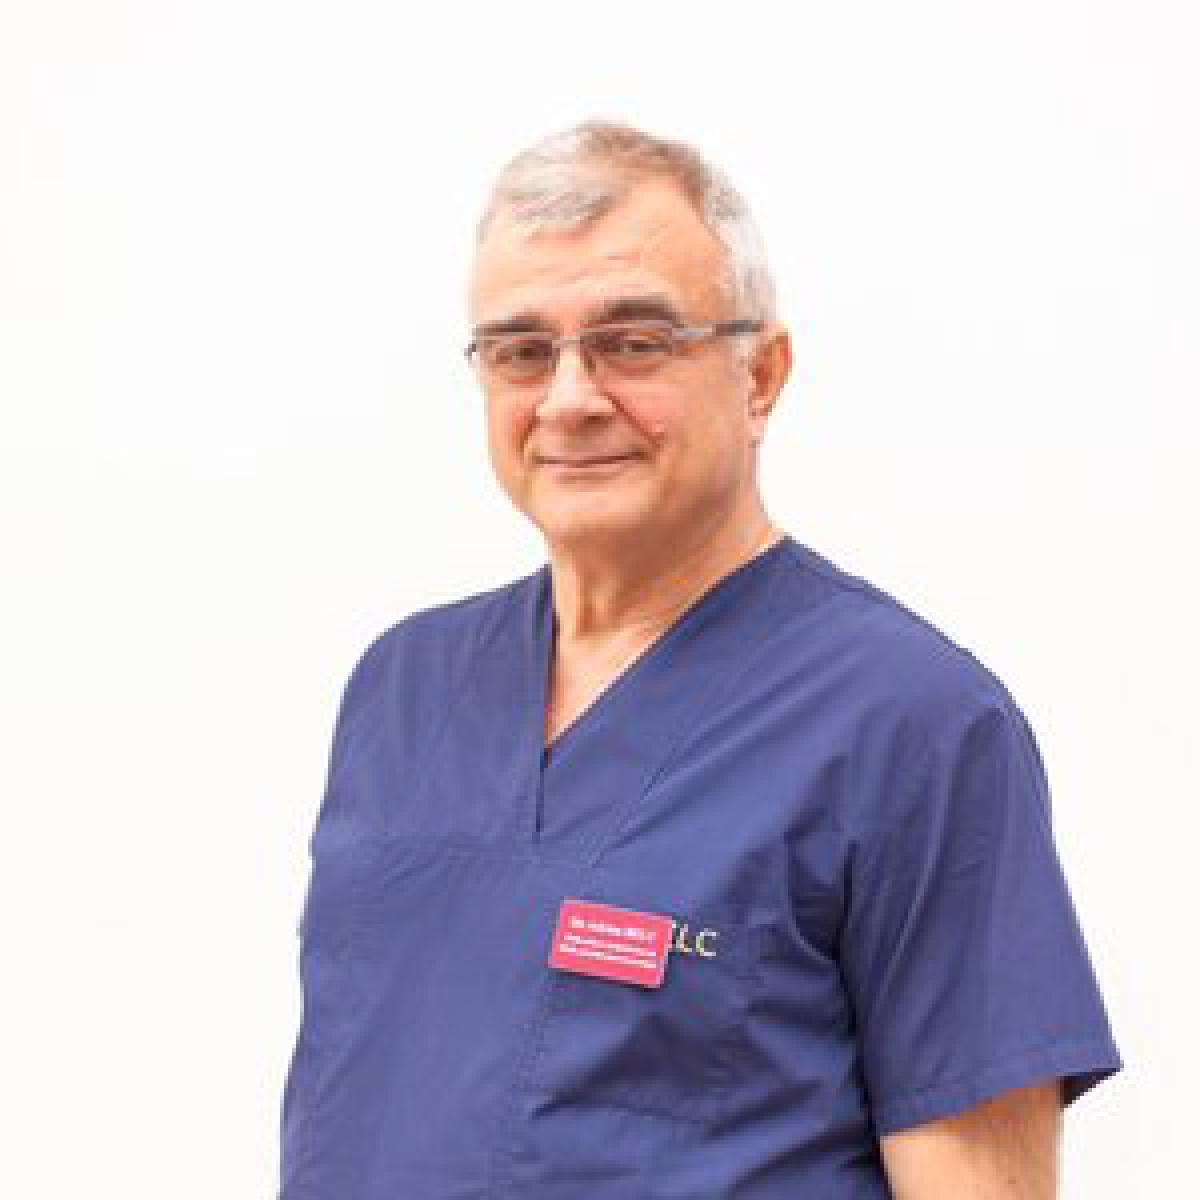 Dr. Adrian Belc